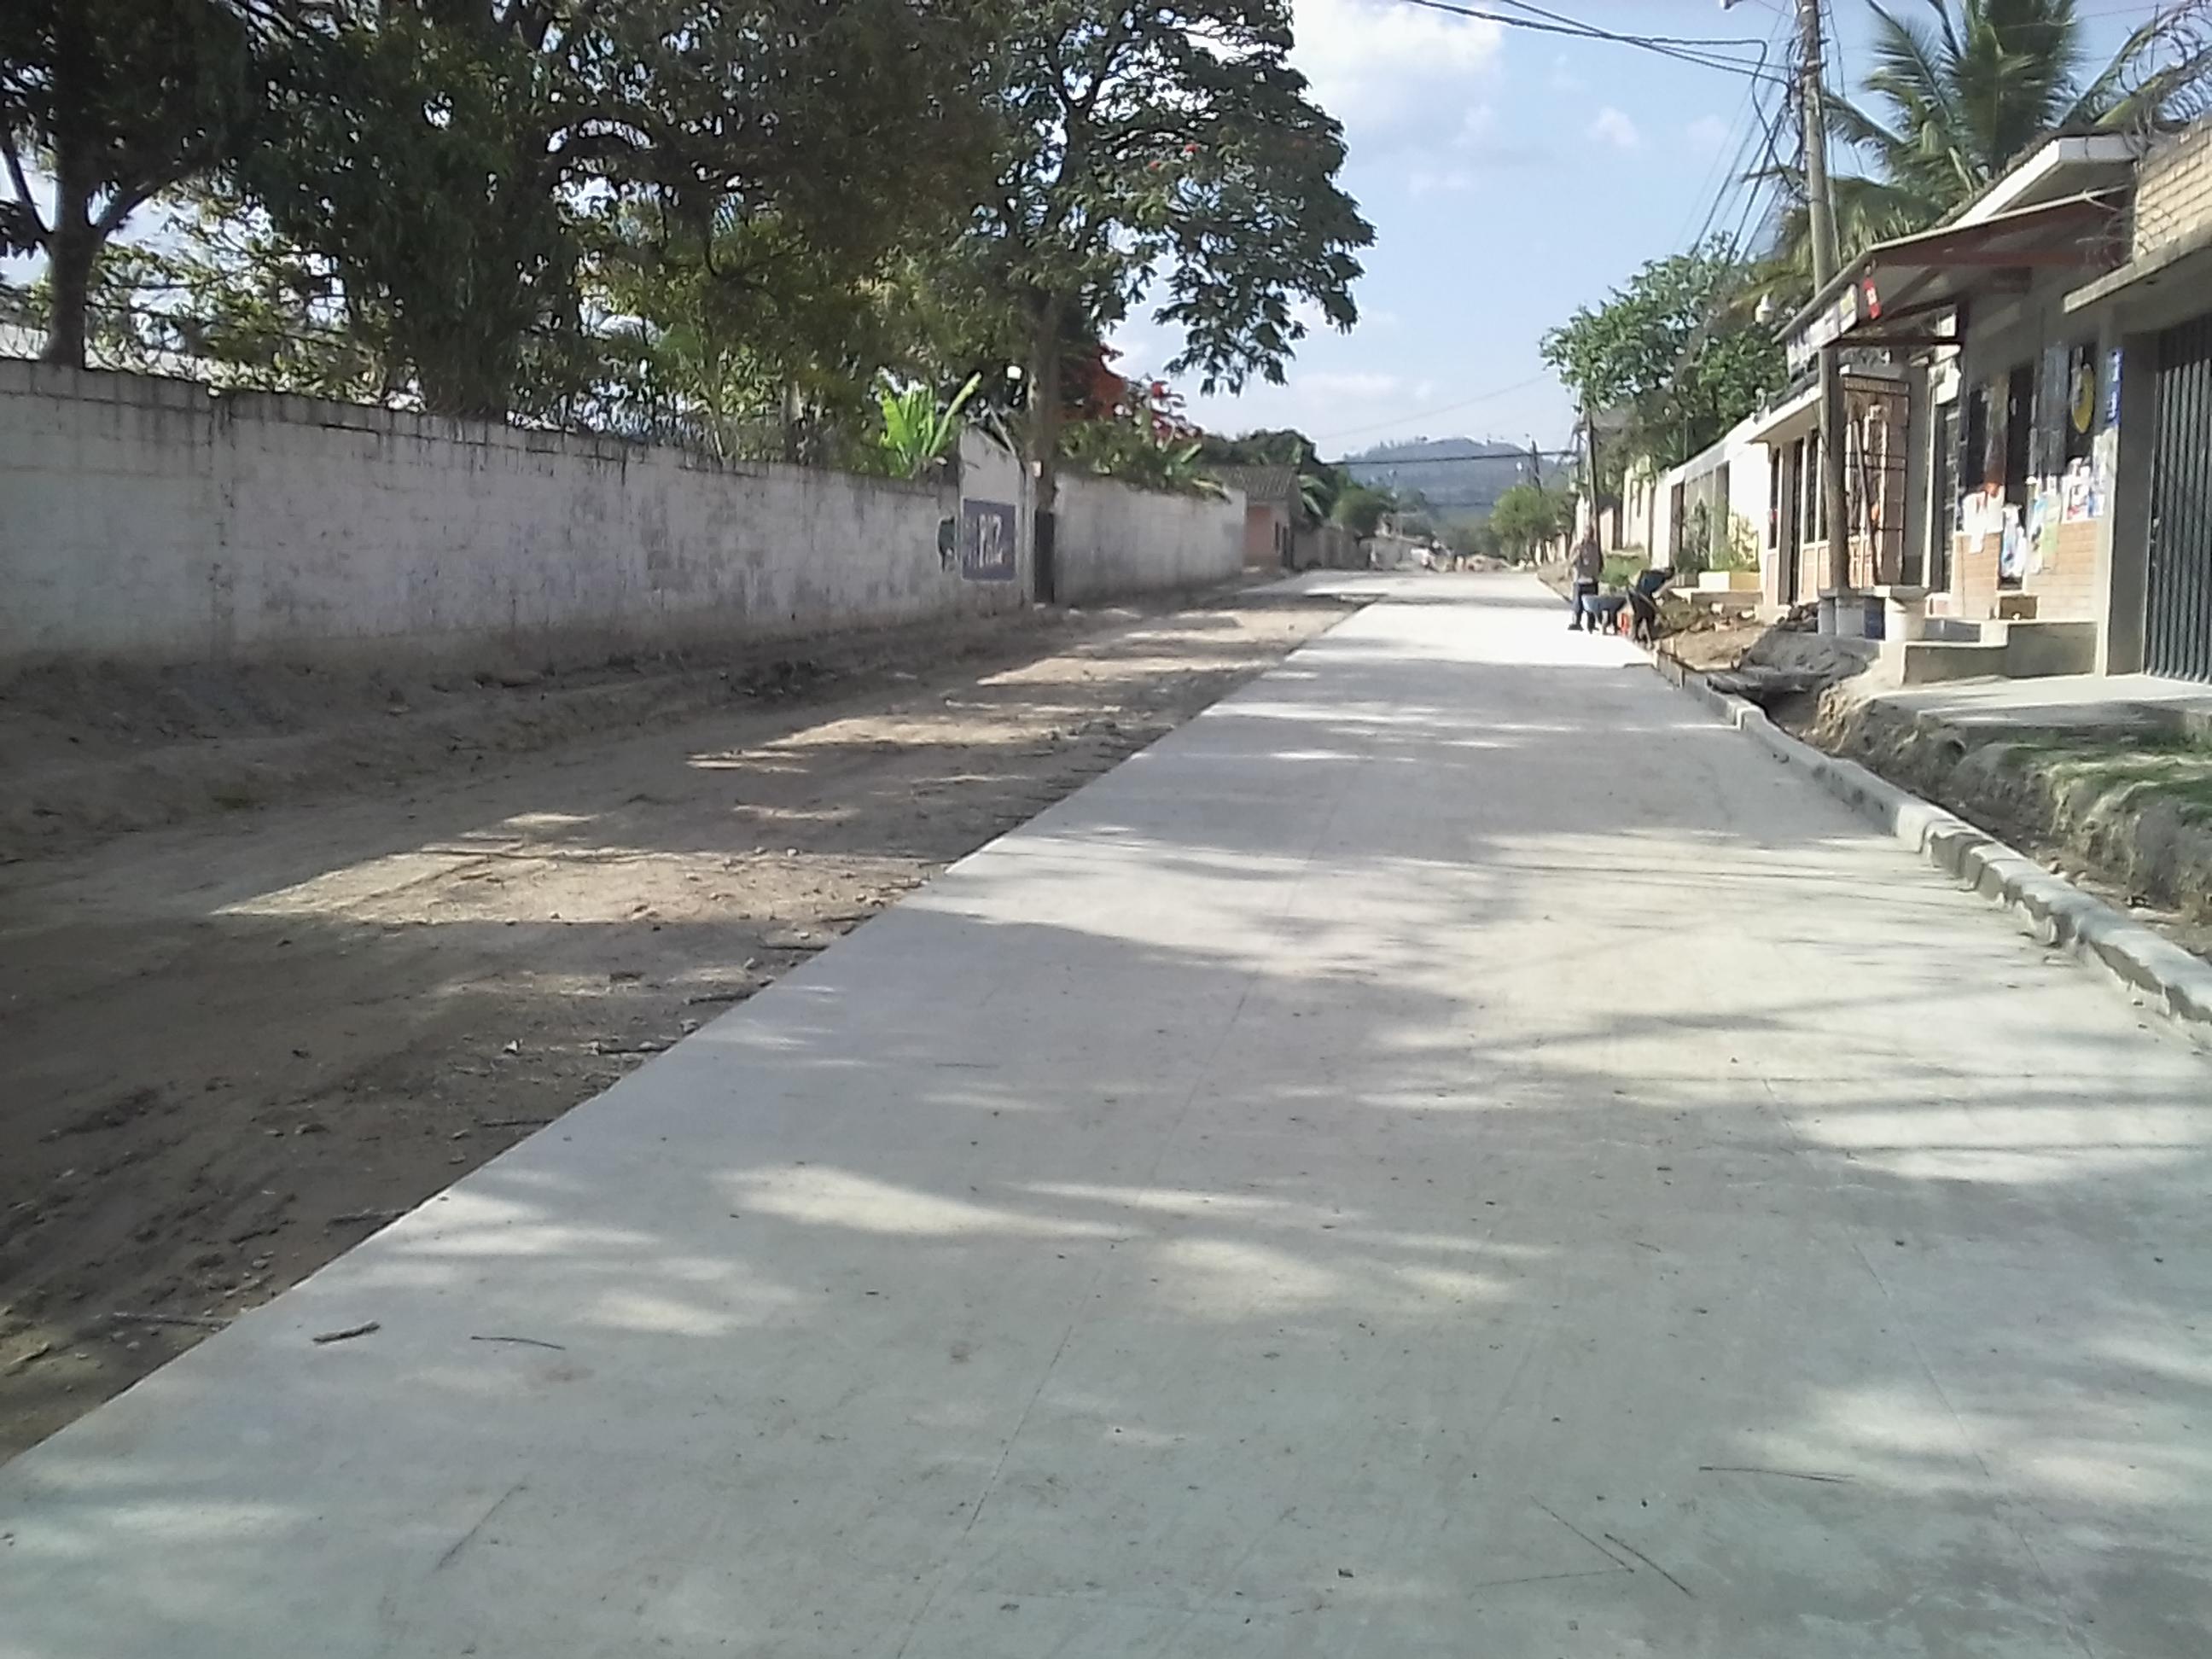 Avanza pavimentación en calle del barrio San Miguel